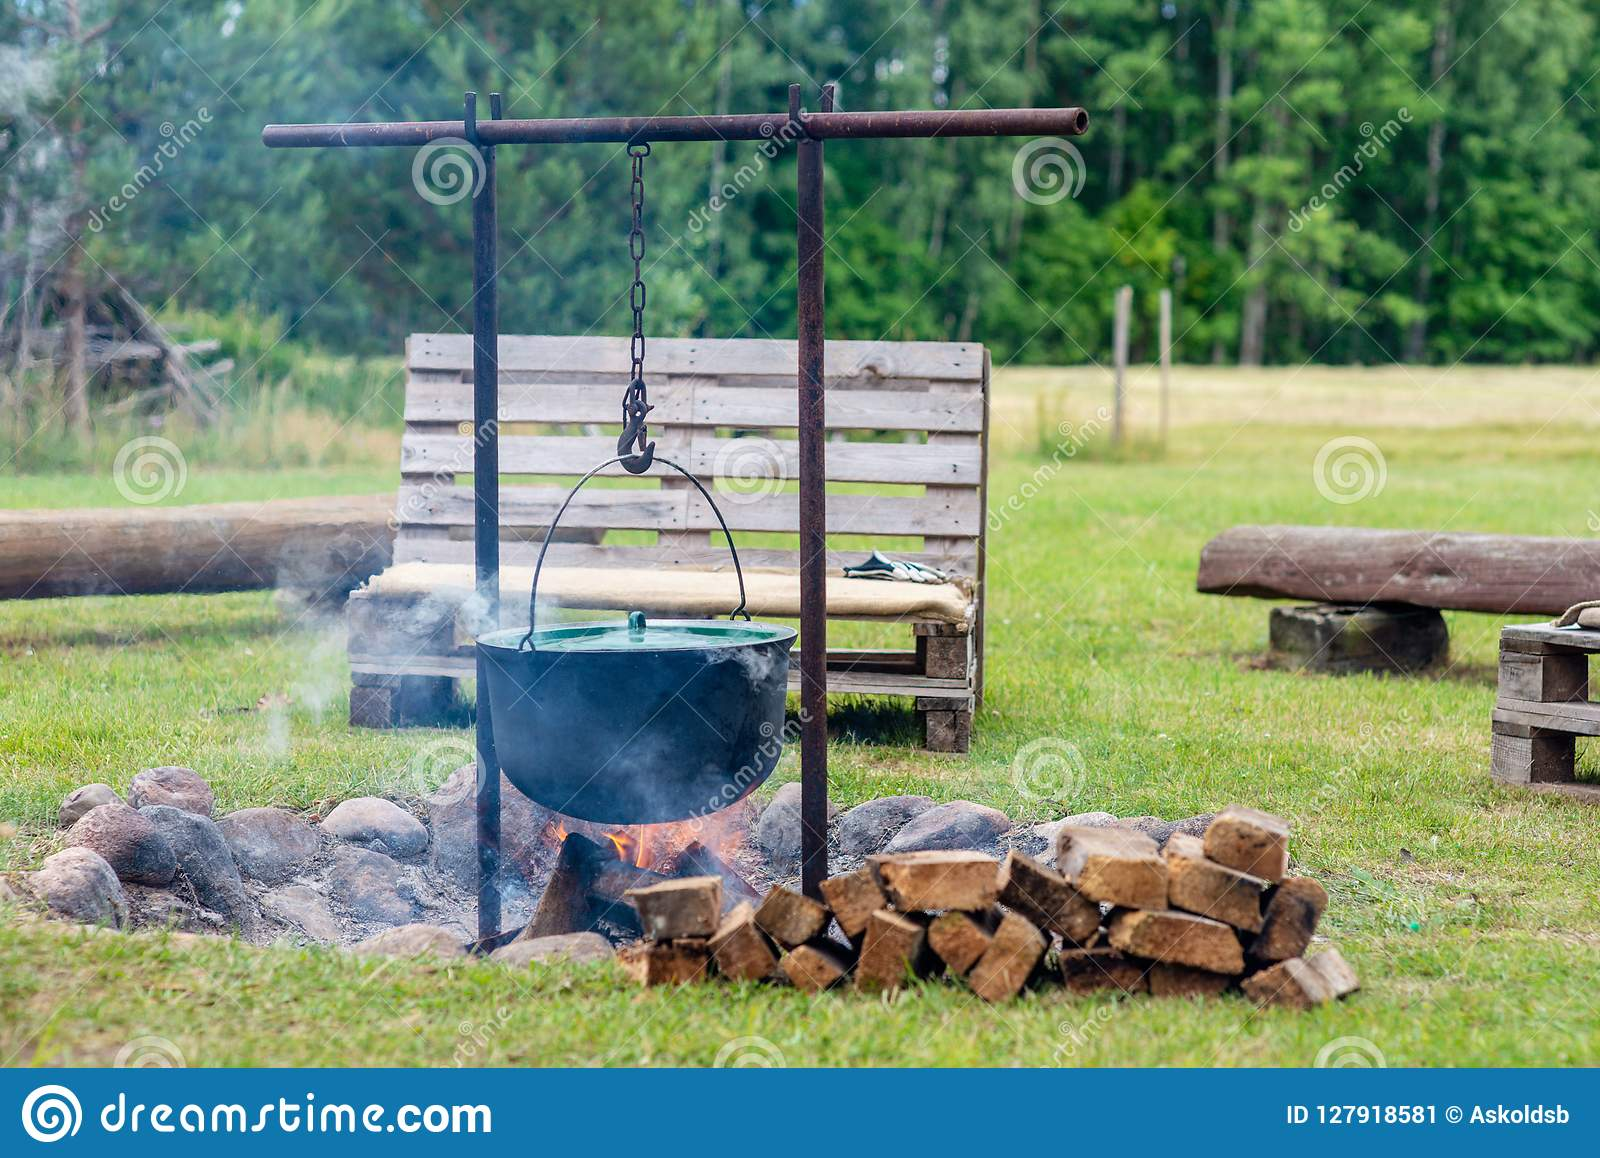 Site de feu de camp avec les bancs en bois près de la maison de campagne